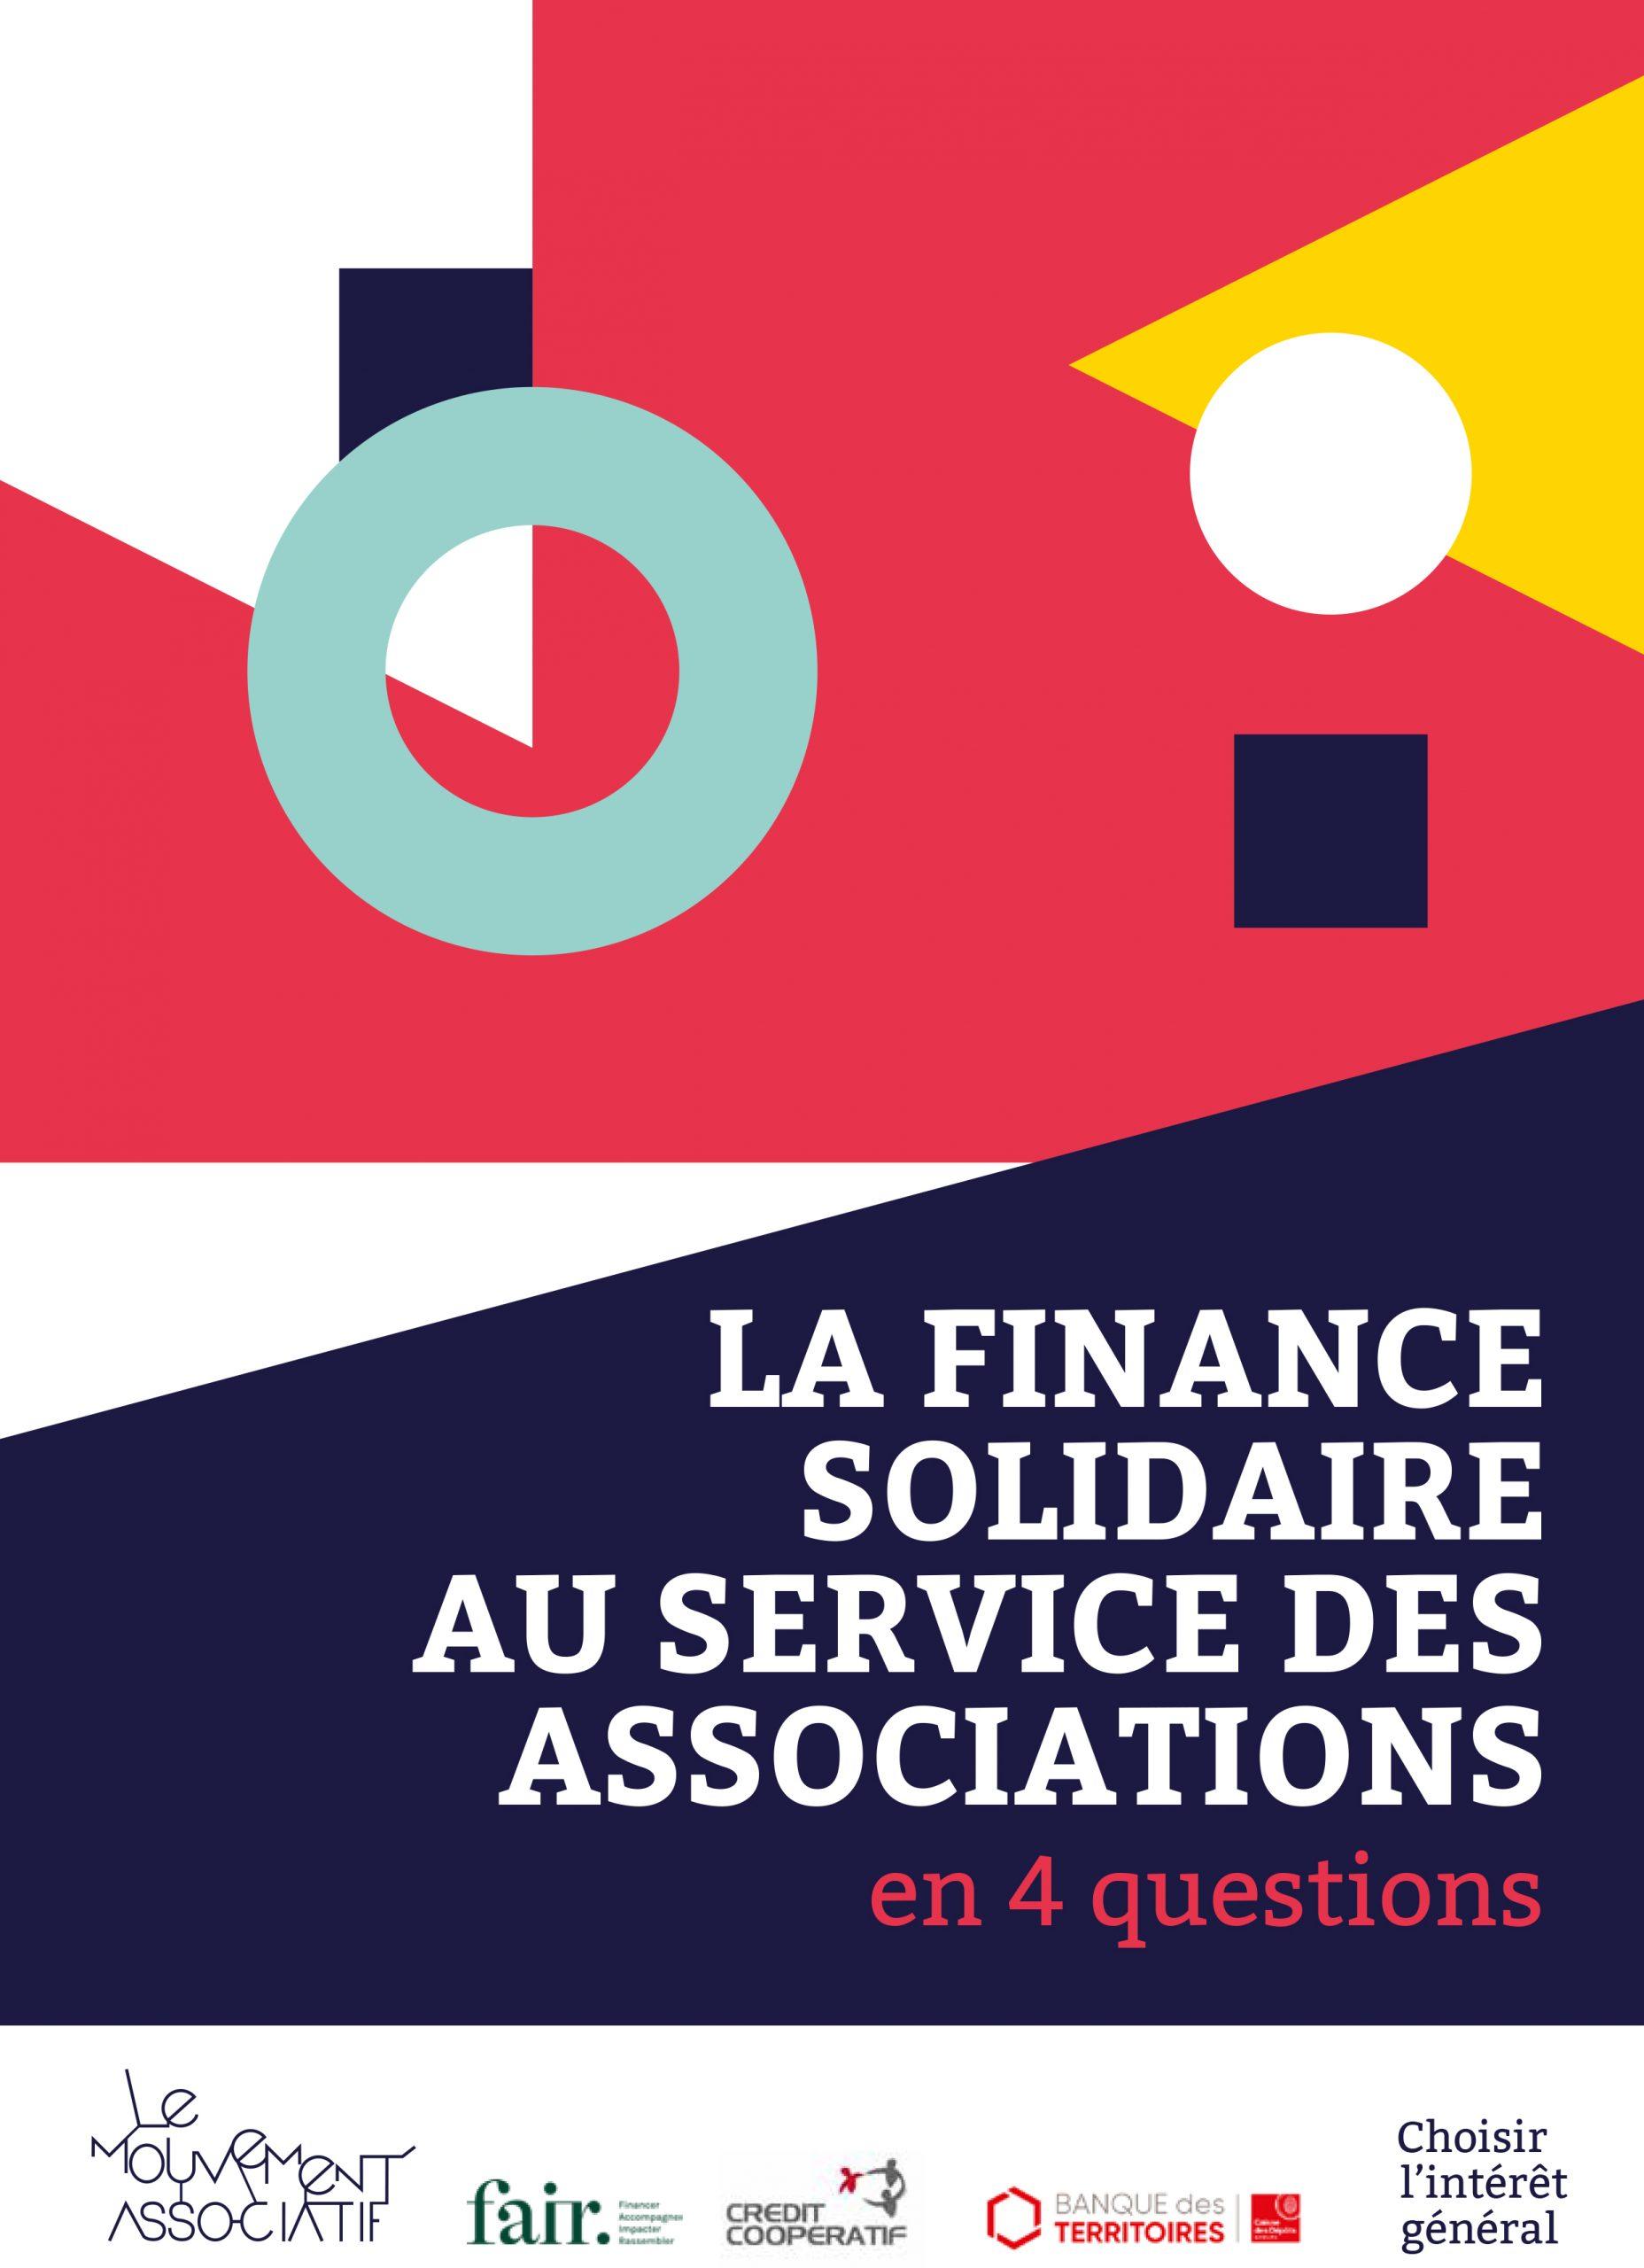 La finance solidaire au service des associations